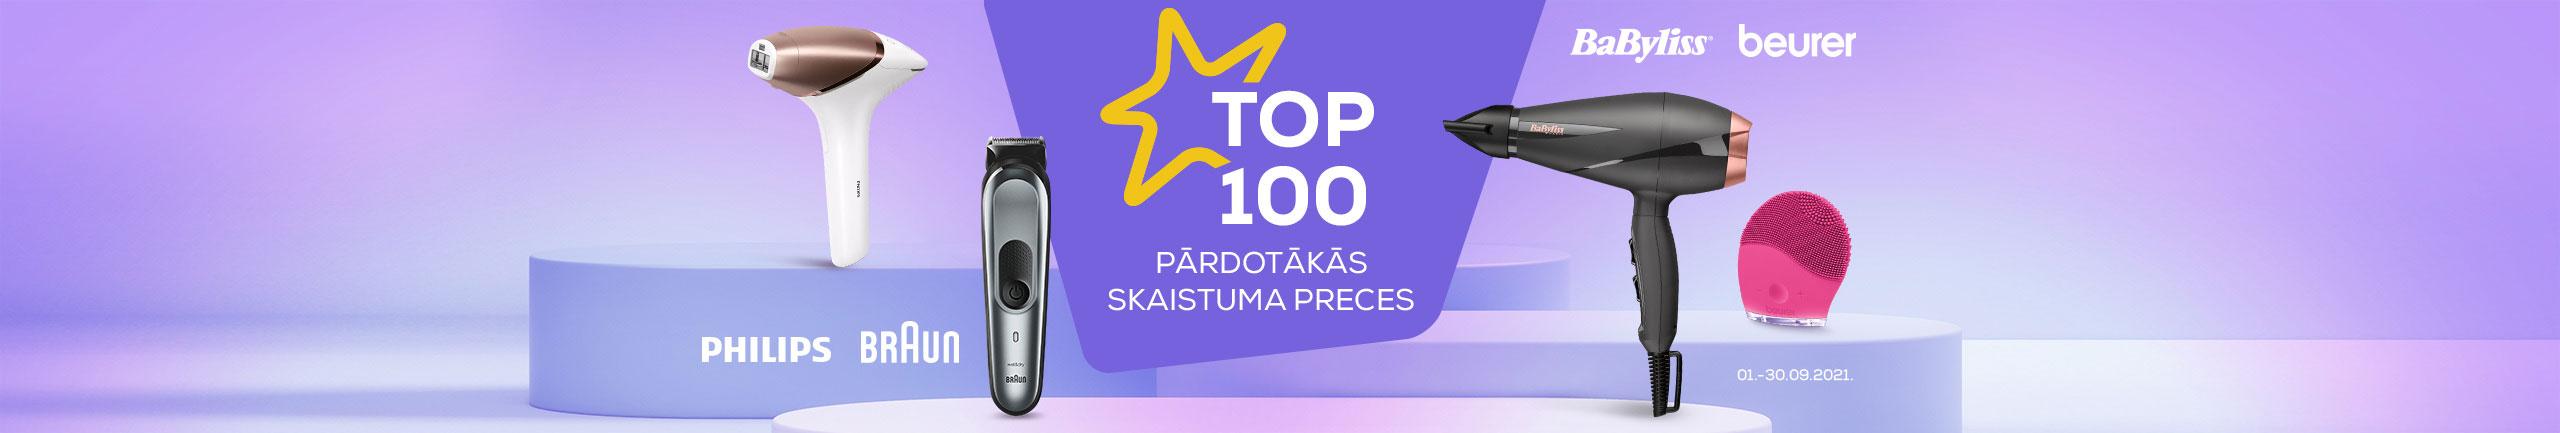 PL top100